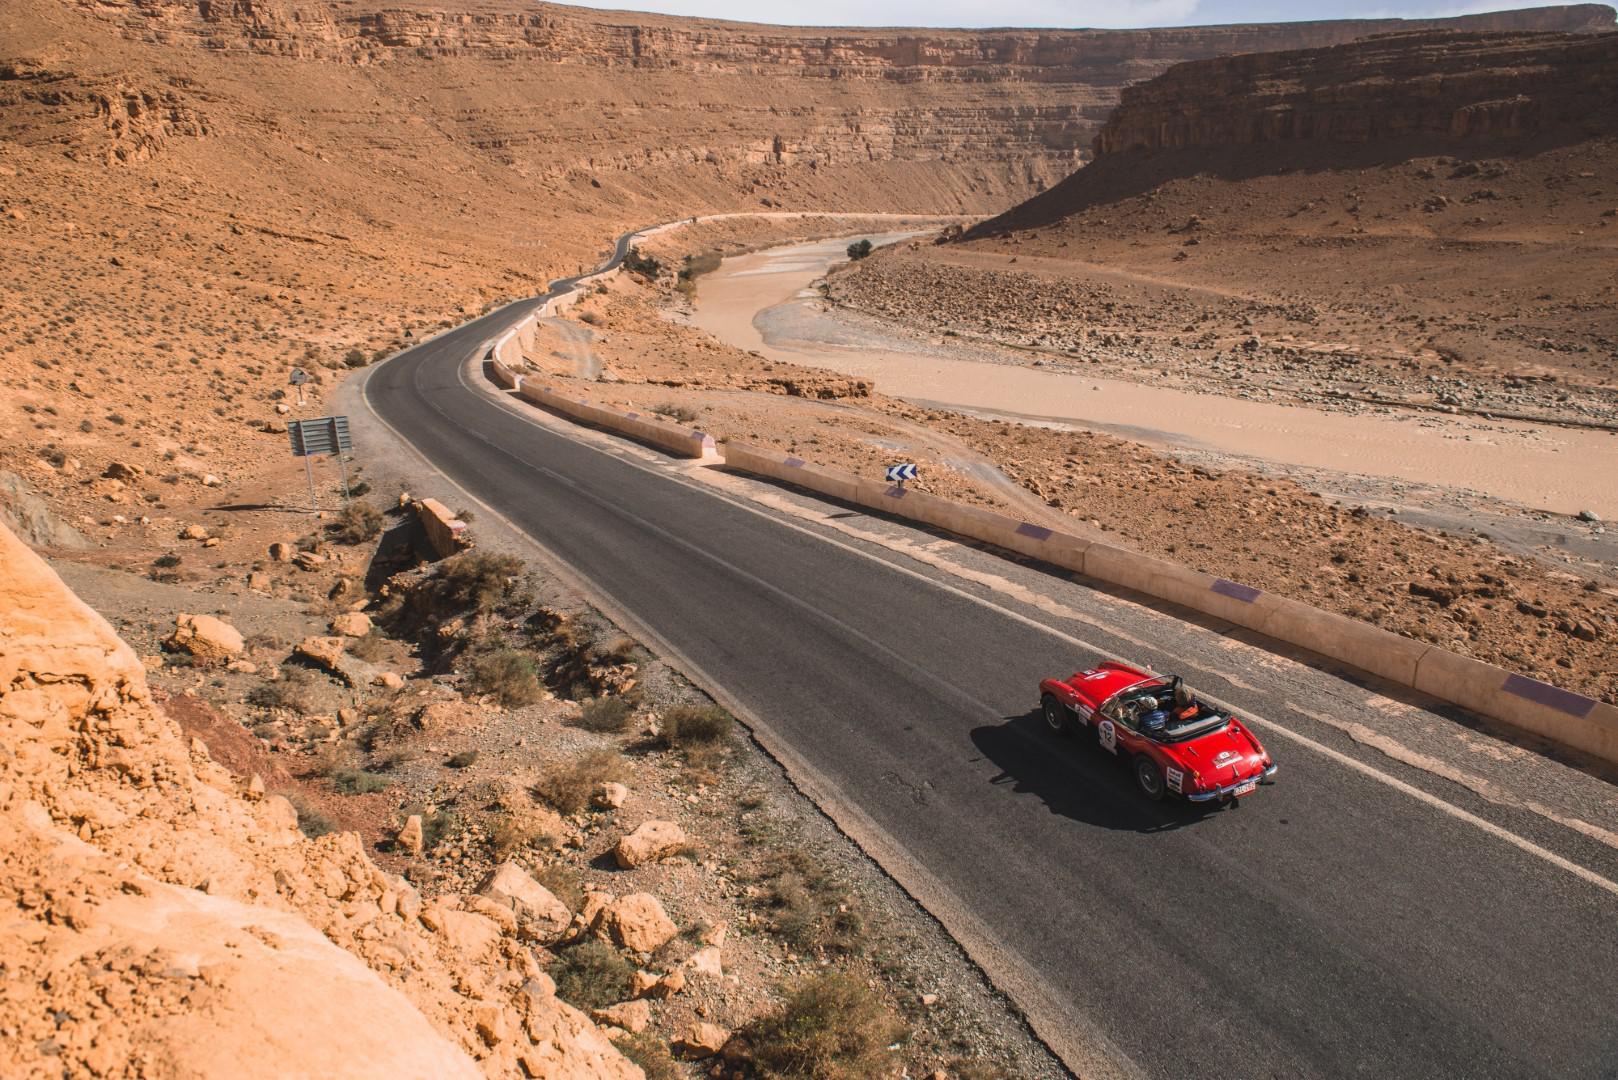 victoire-marocaine-pour-le-25eme-anniversaire-du-rallye-maroc-classic-680-17.jpg